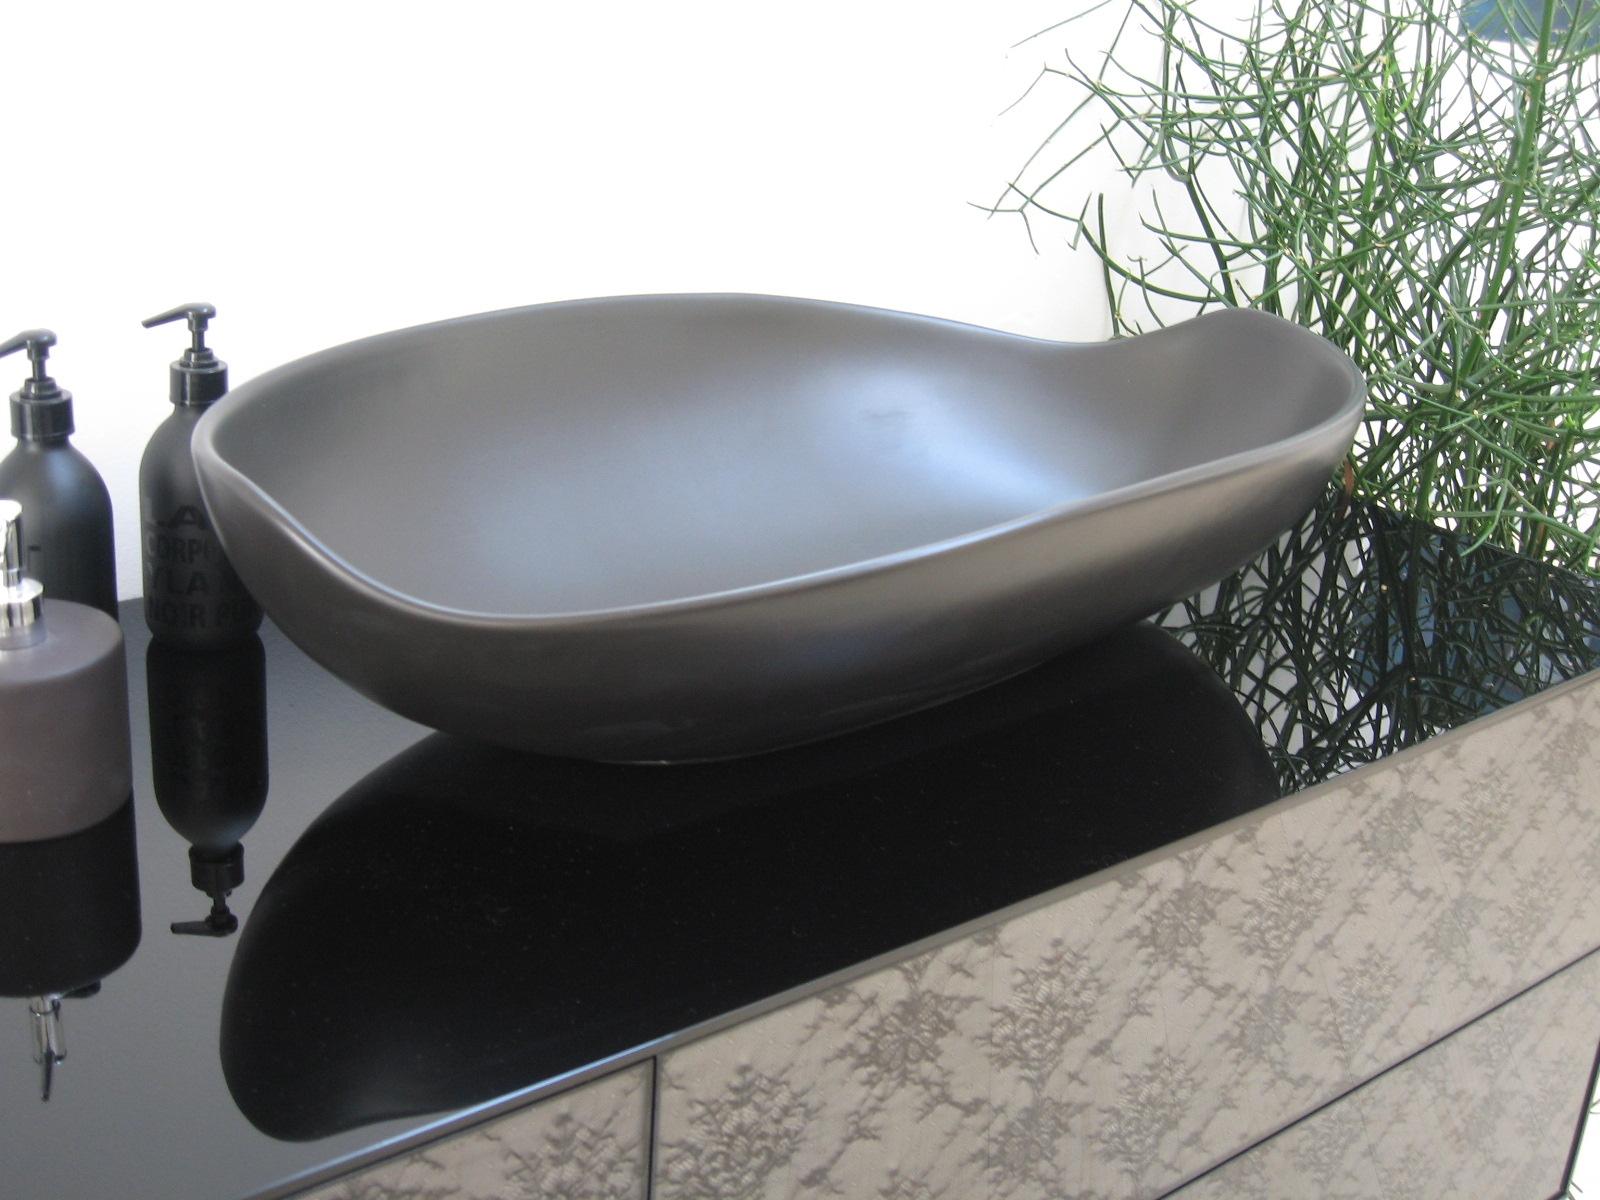 Arlex lavabo appoggio miyuki nero satinato design ceramica for Lavabo appoggio bagno